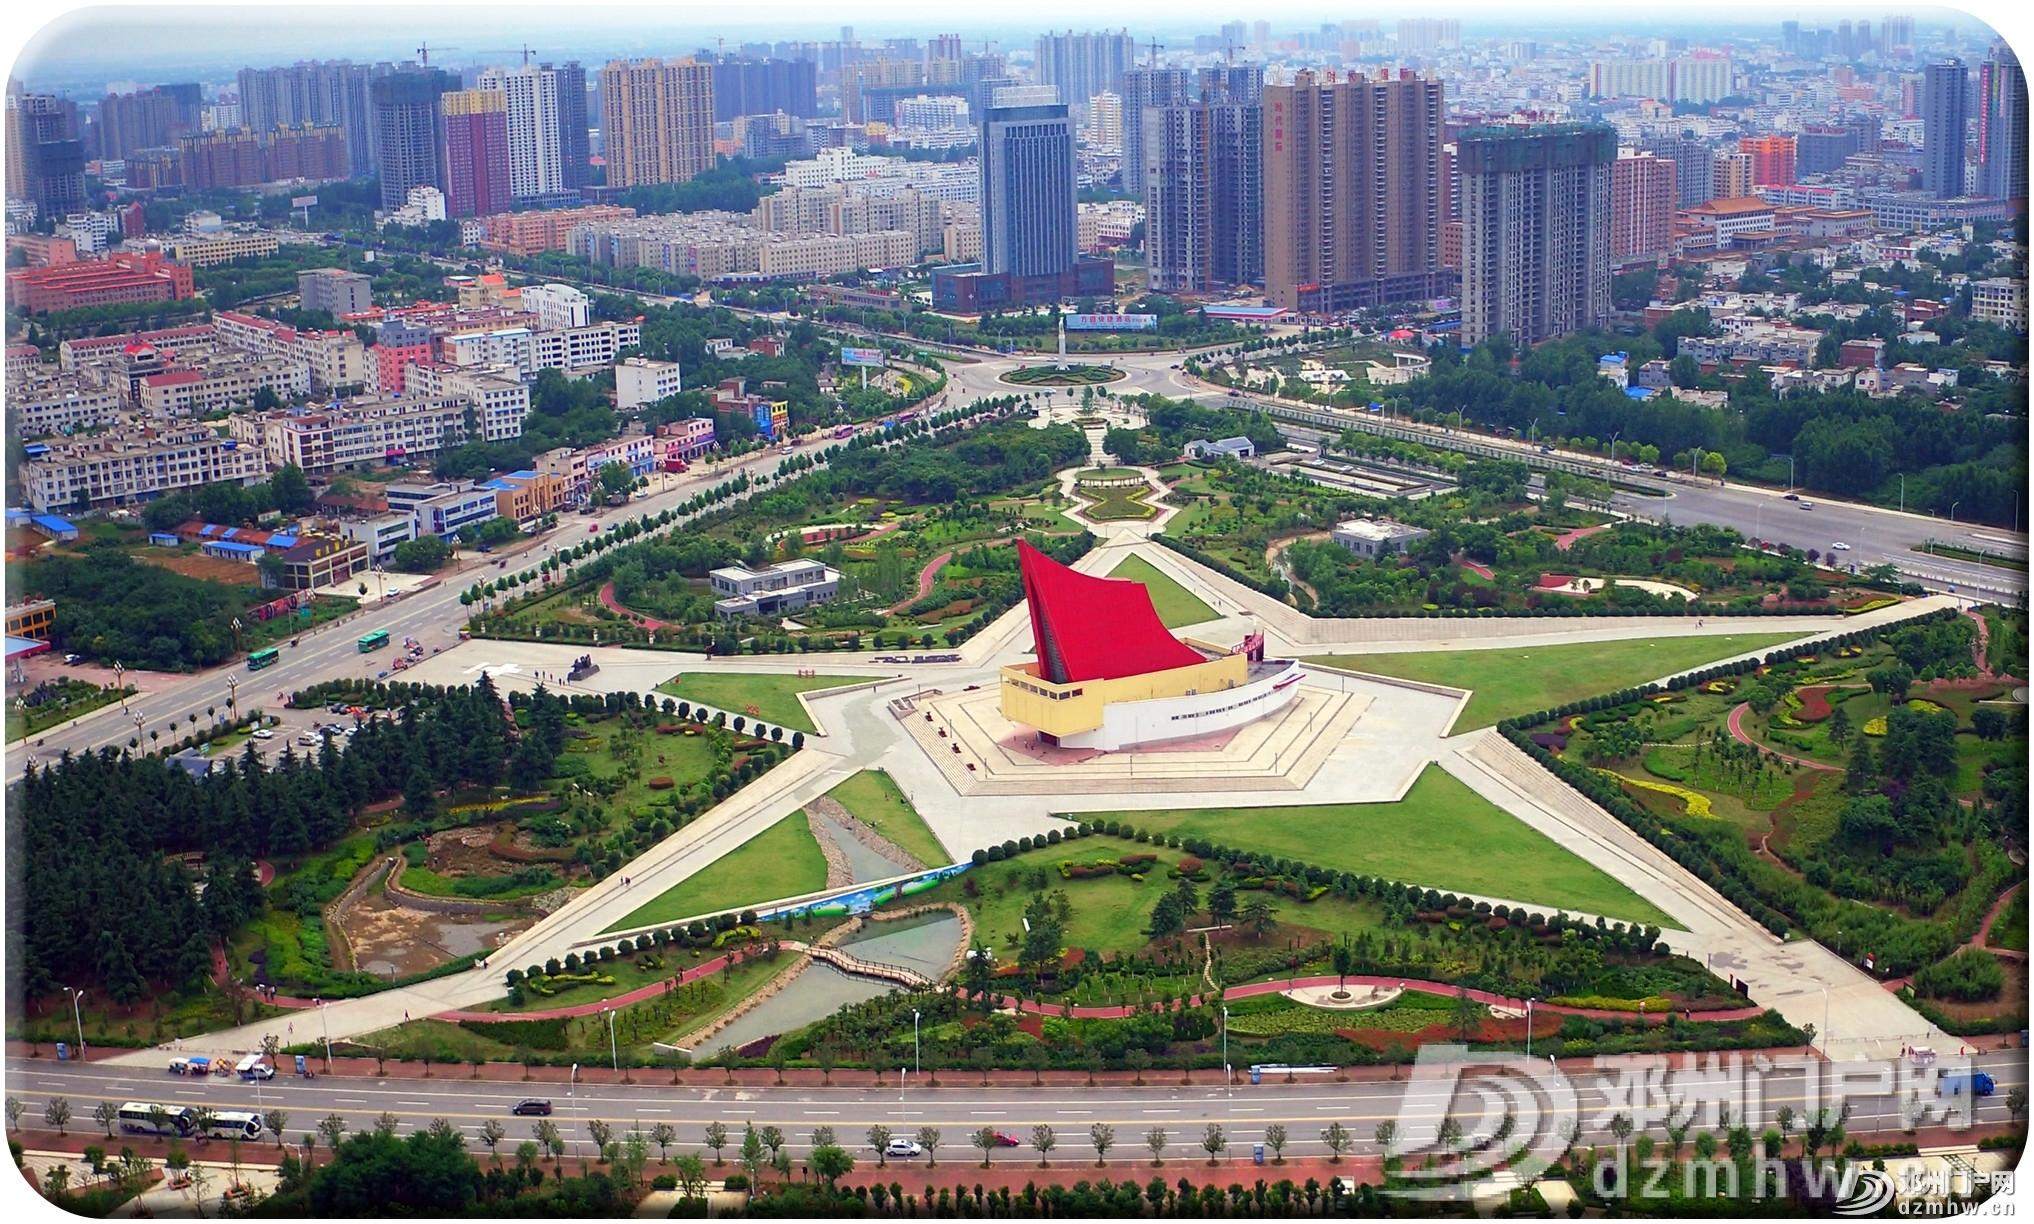 我叫邓州,这是我的最新简历,2020年,请多关照! - 邓州门户网|邓州网 - bbd99cbd3a12e8a6c88673b9b146d39d.jpg